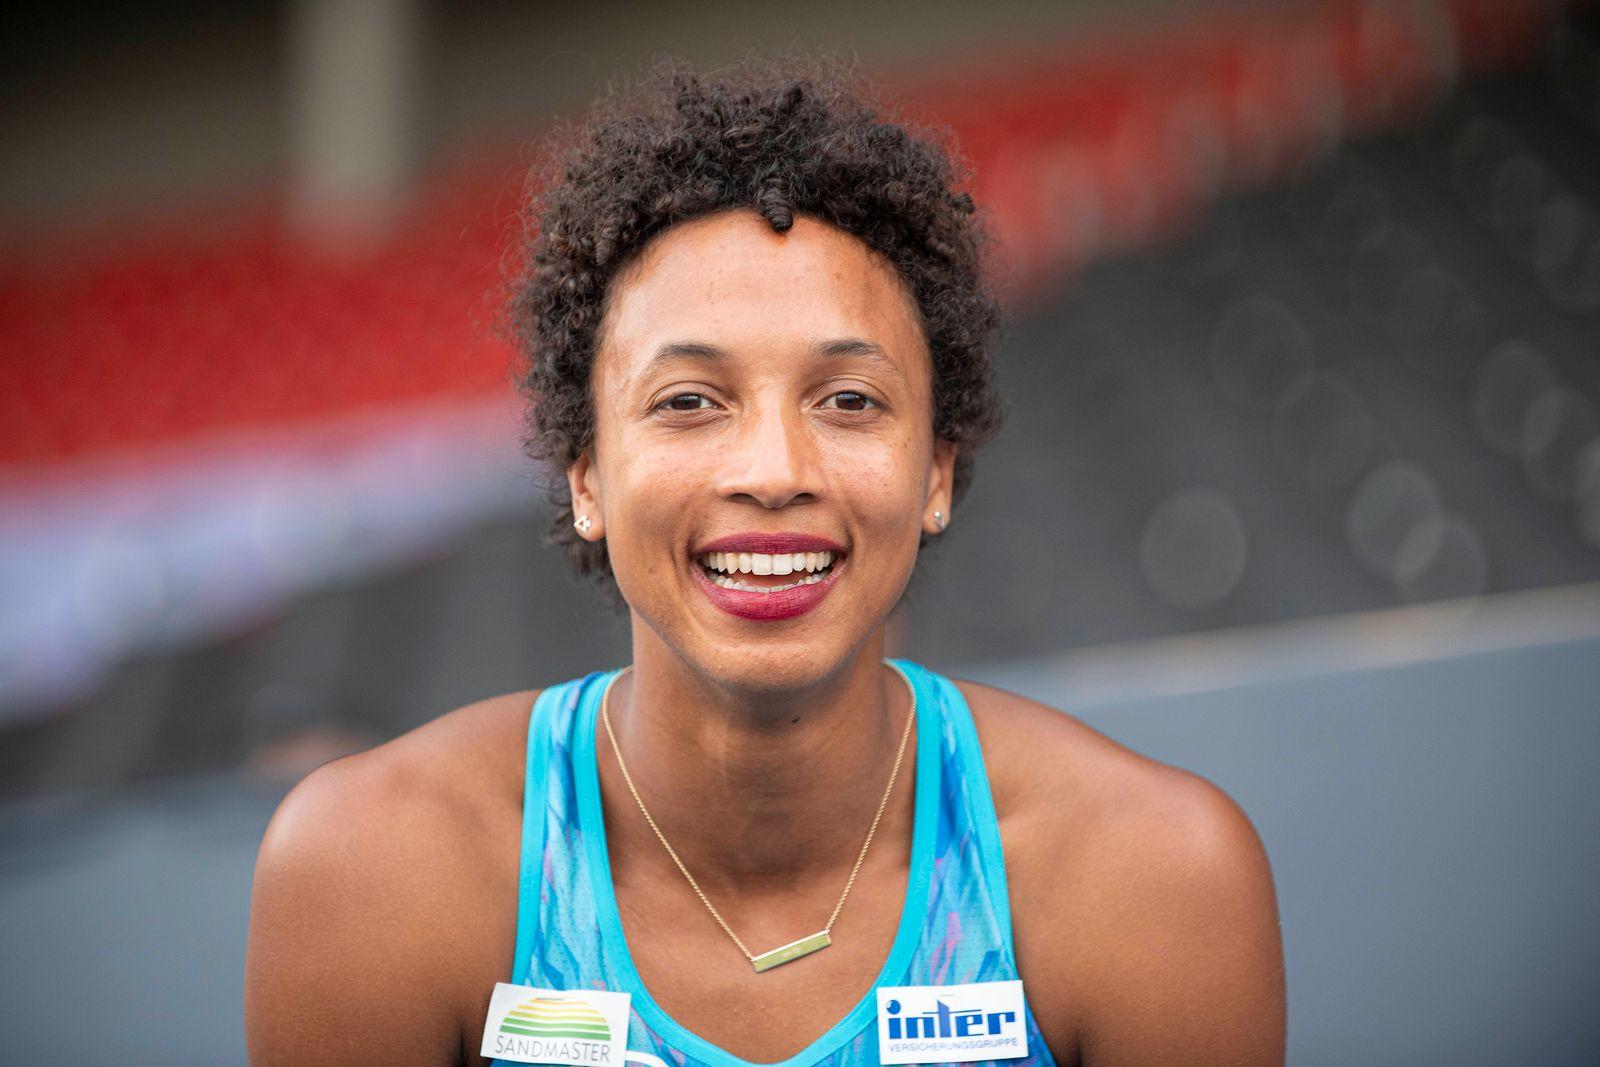 Siegerin Malaika MIHAMBO (LG Kurpfalz/ 1.Platz), lacht direkt in die Kamera. Weitpsprung der Frauen, am 09.08.2020 Deuts